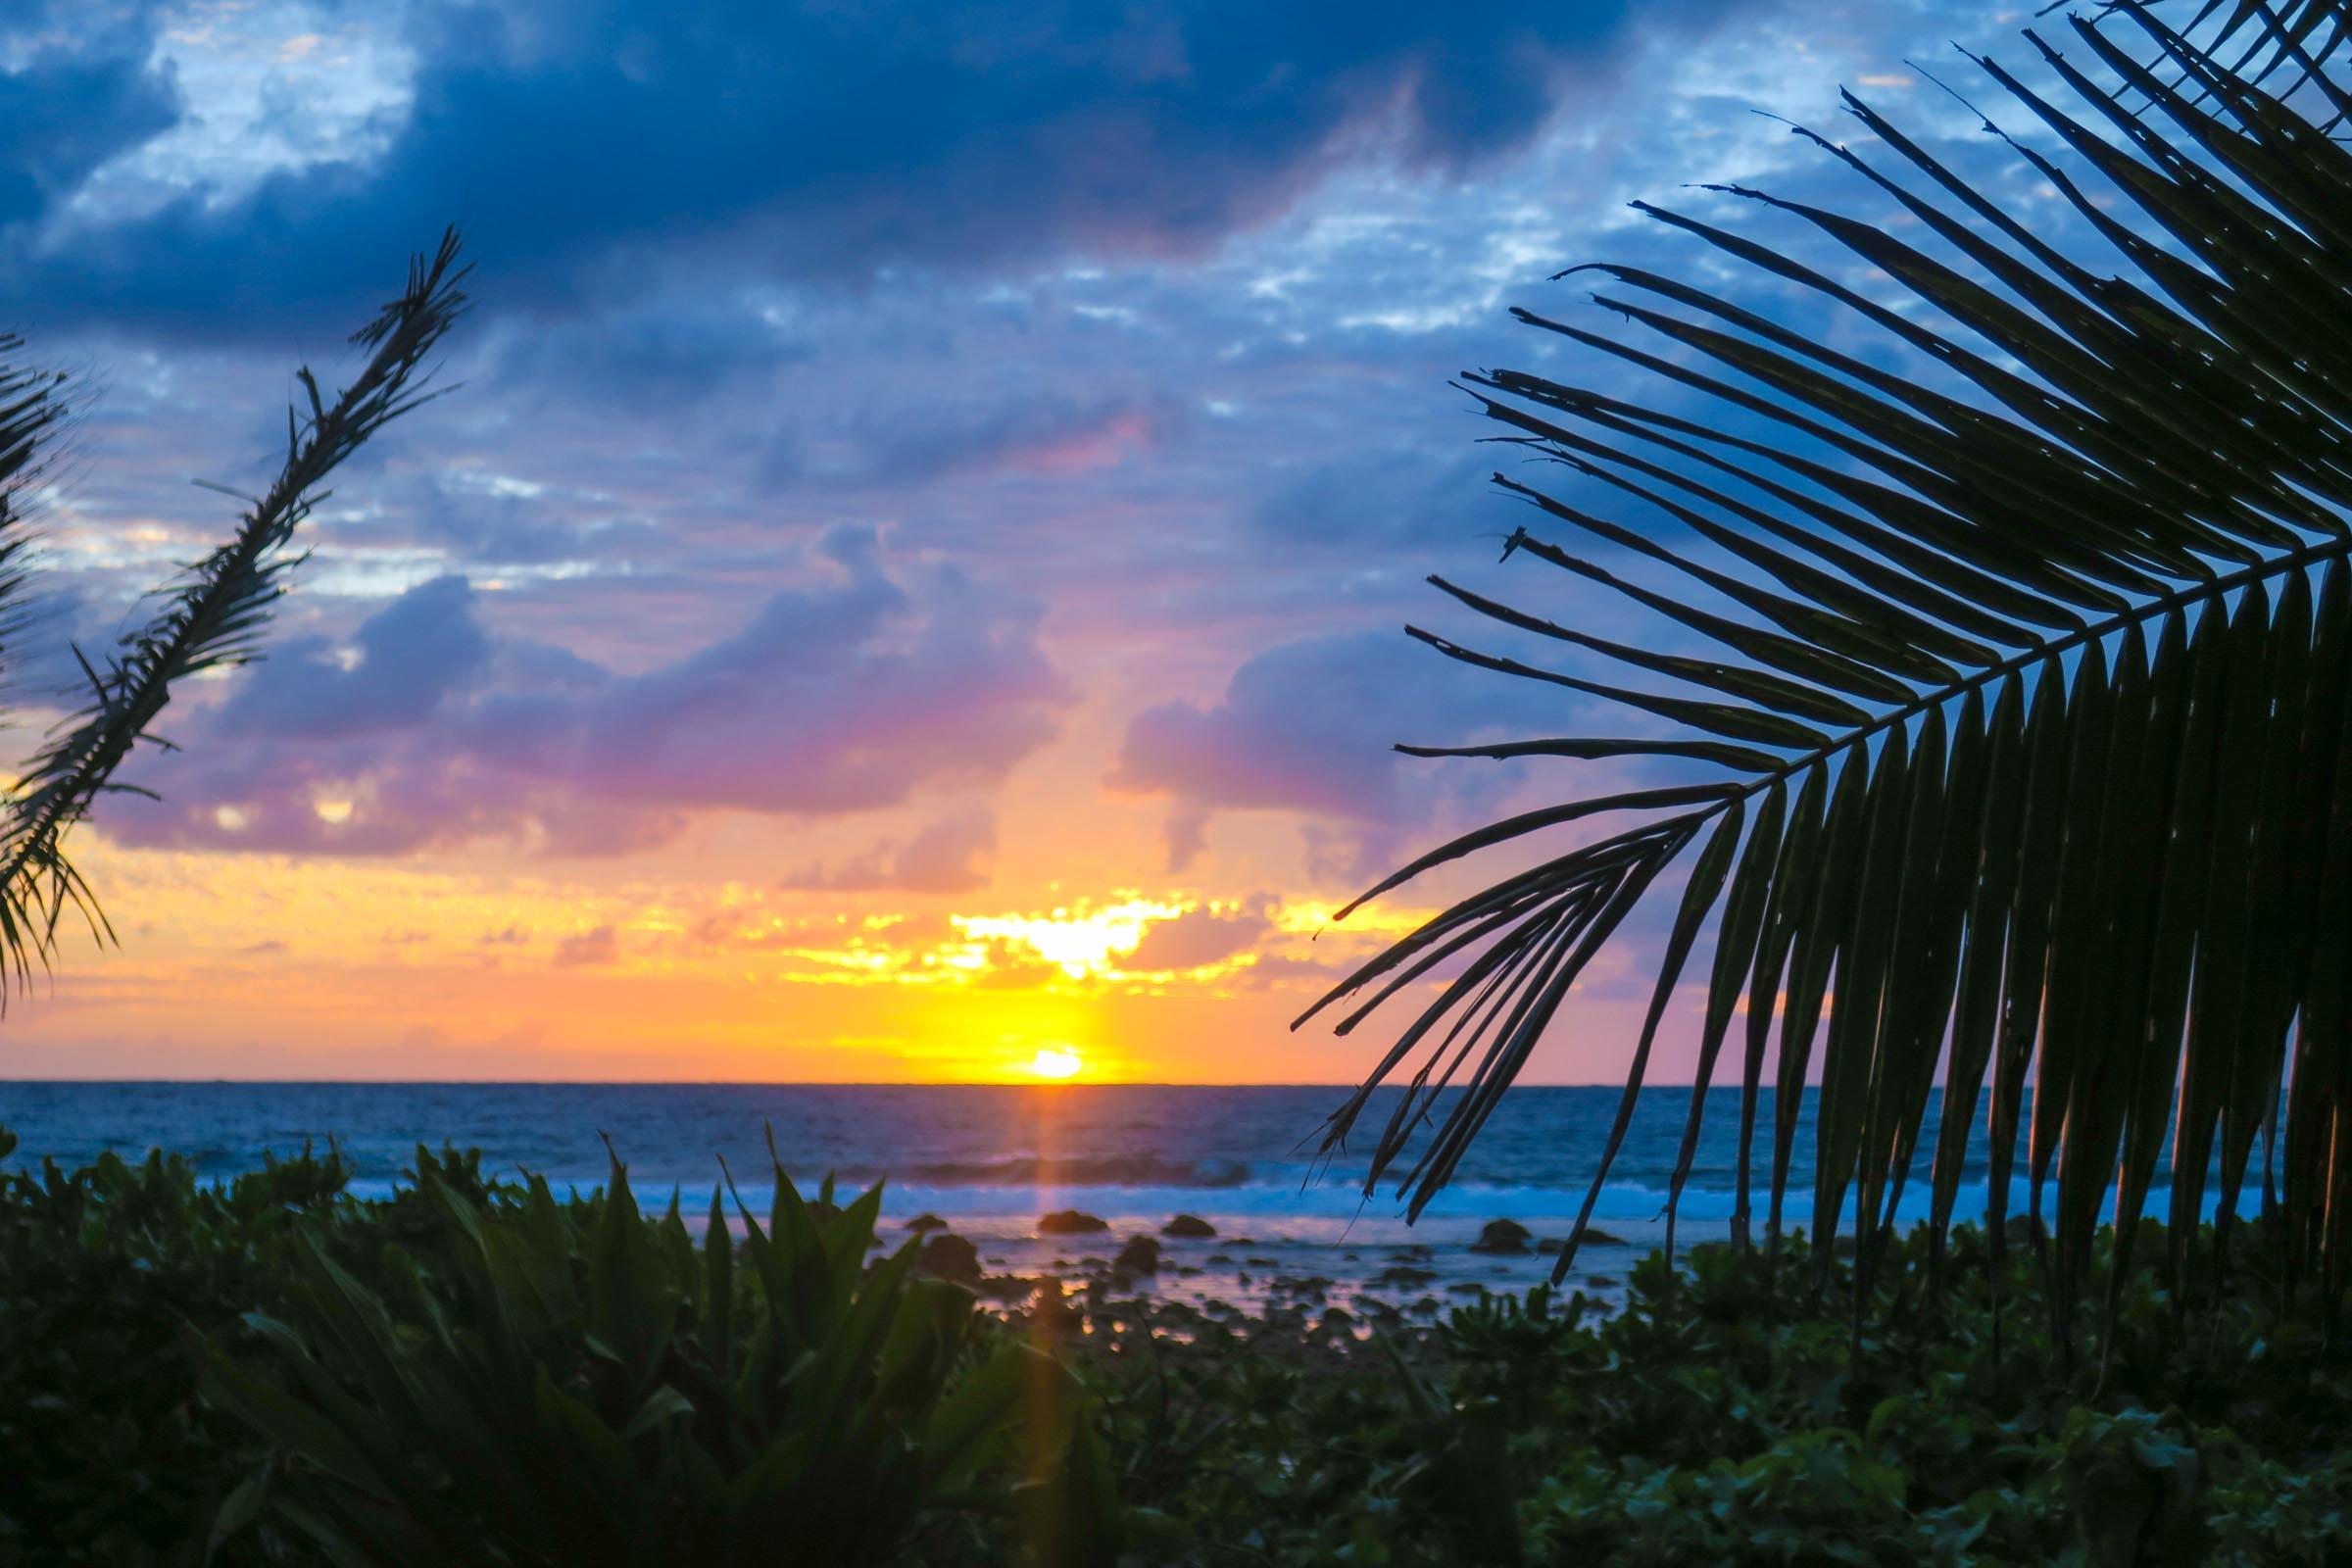 sunrise may